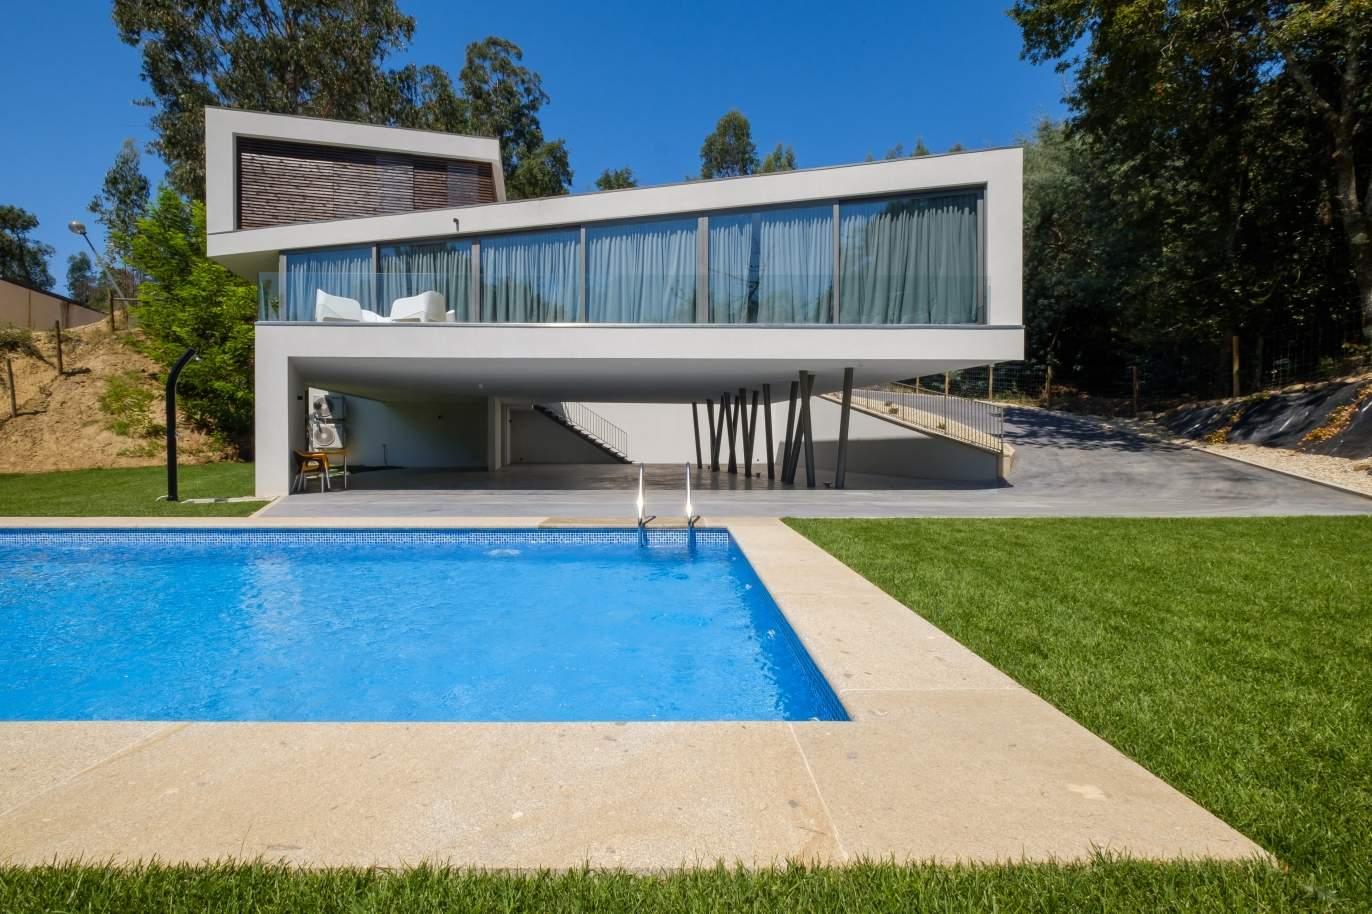 maison-moderne-et-luxueuse-avec-piscine-a-ponte-de-lima-portugal